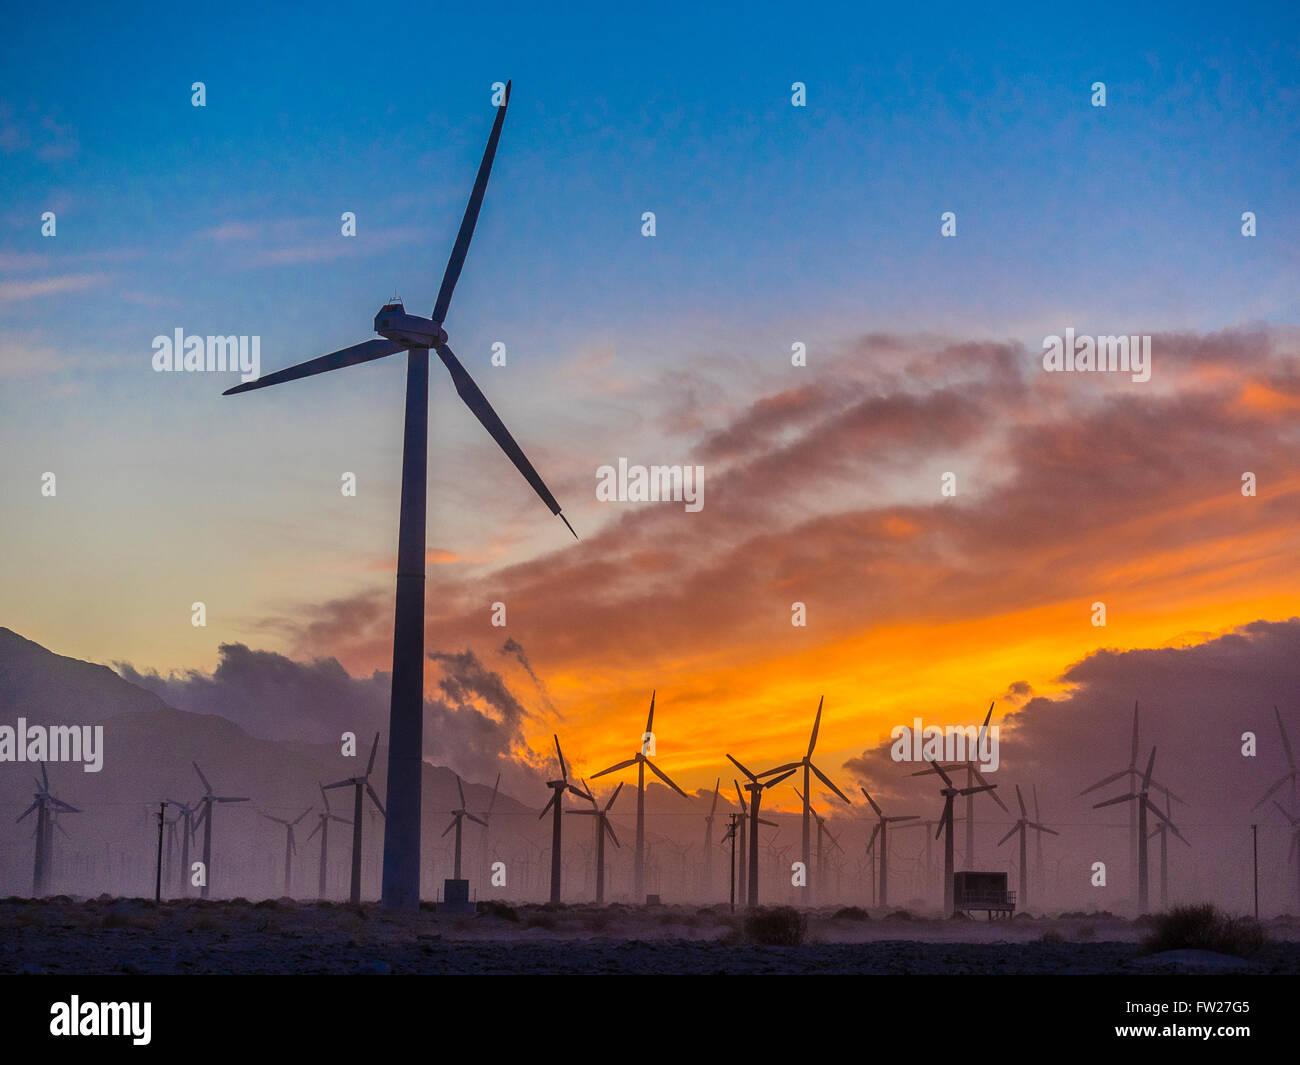 Eines Windparks außerhalb von Palm Springs, Kalifornien, während ein buntes Sonnenuntergang. Stockbild